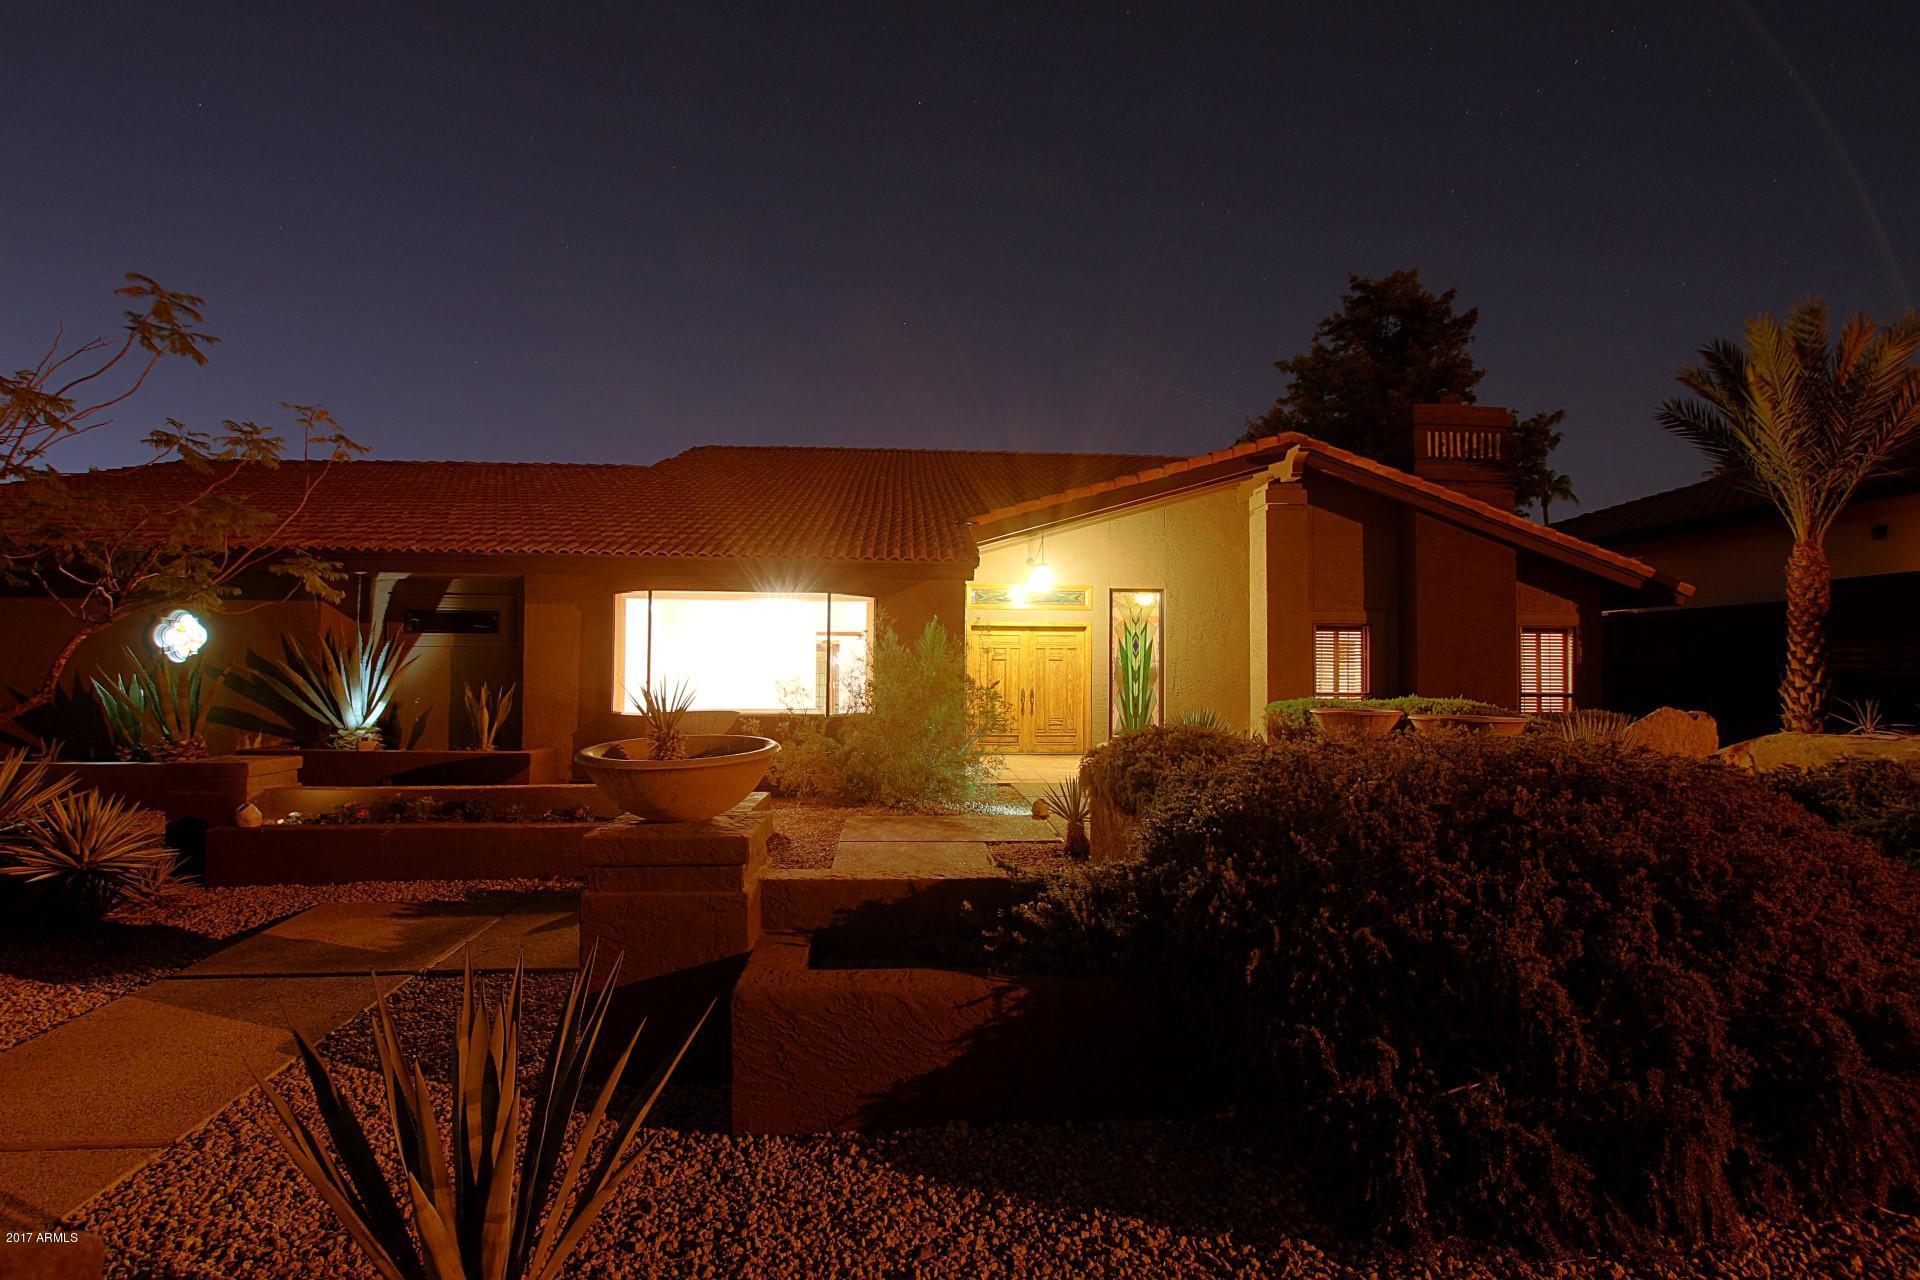 MLS 5666418 1202 W DAHLIA Drive, Phoenix, AZ 85029 Phoenix AZ Moon Valley